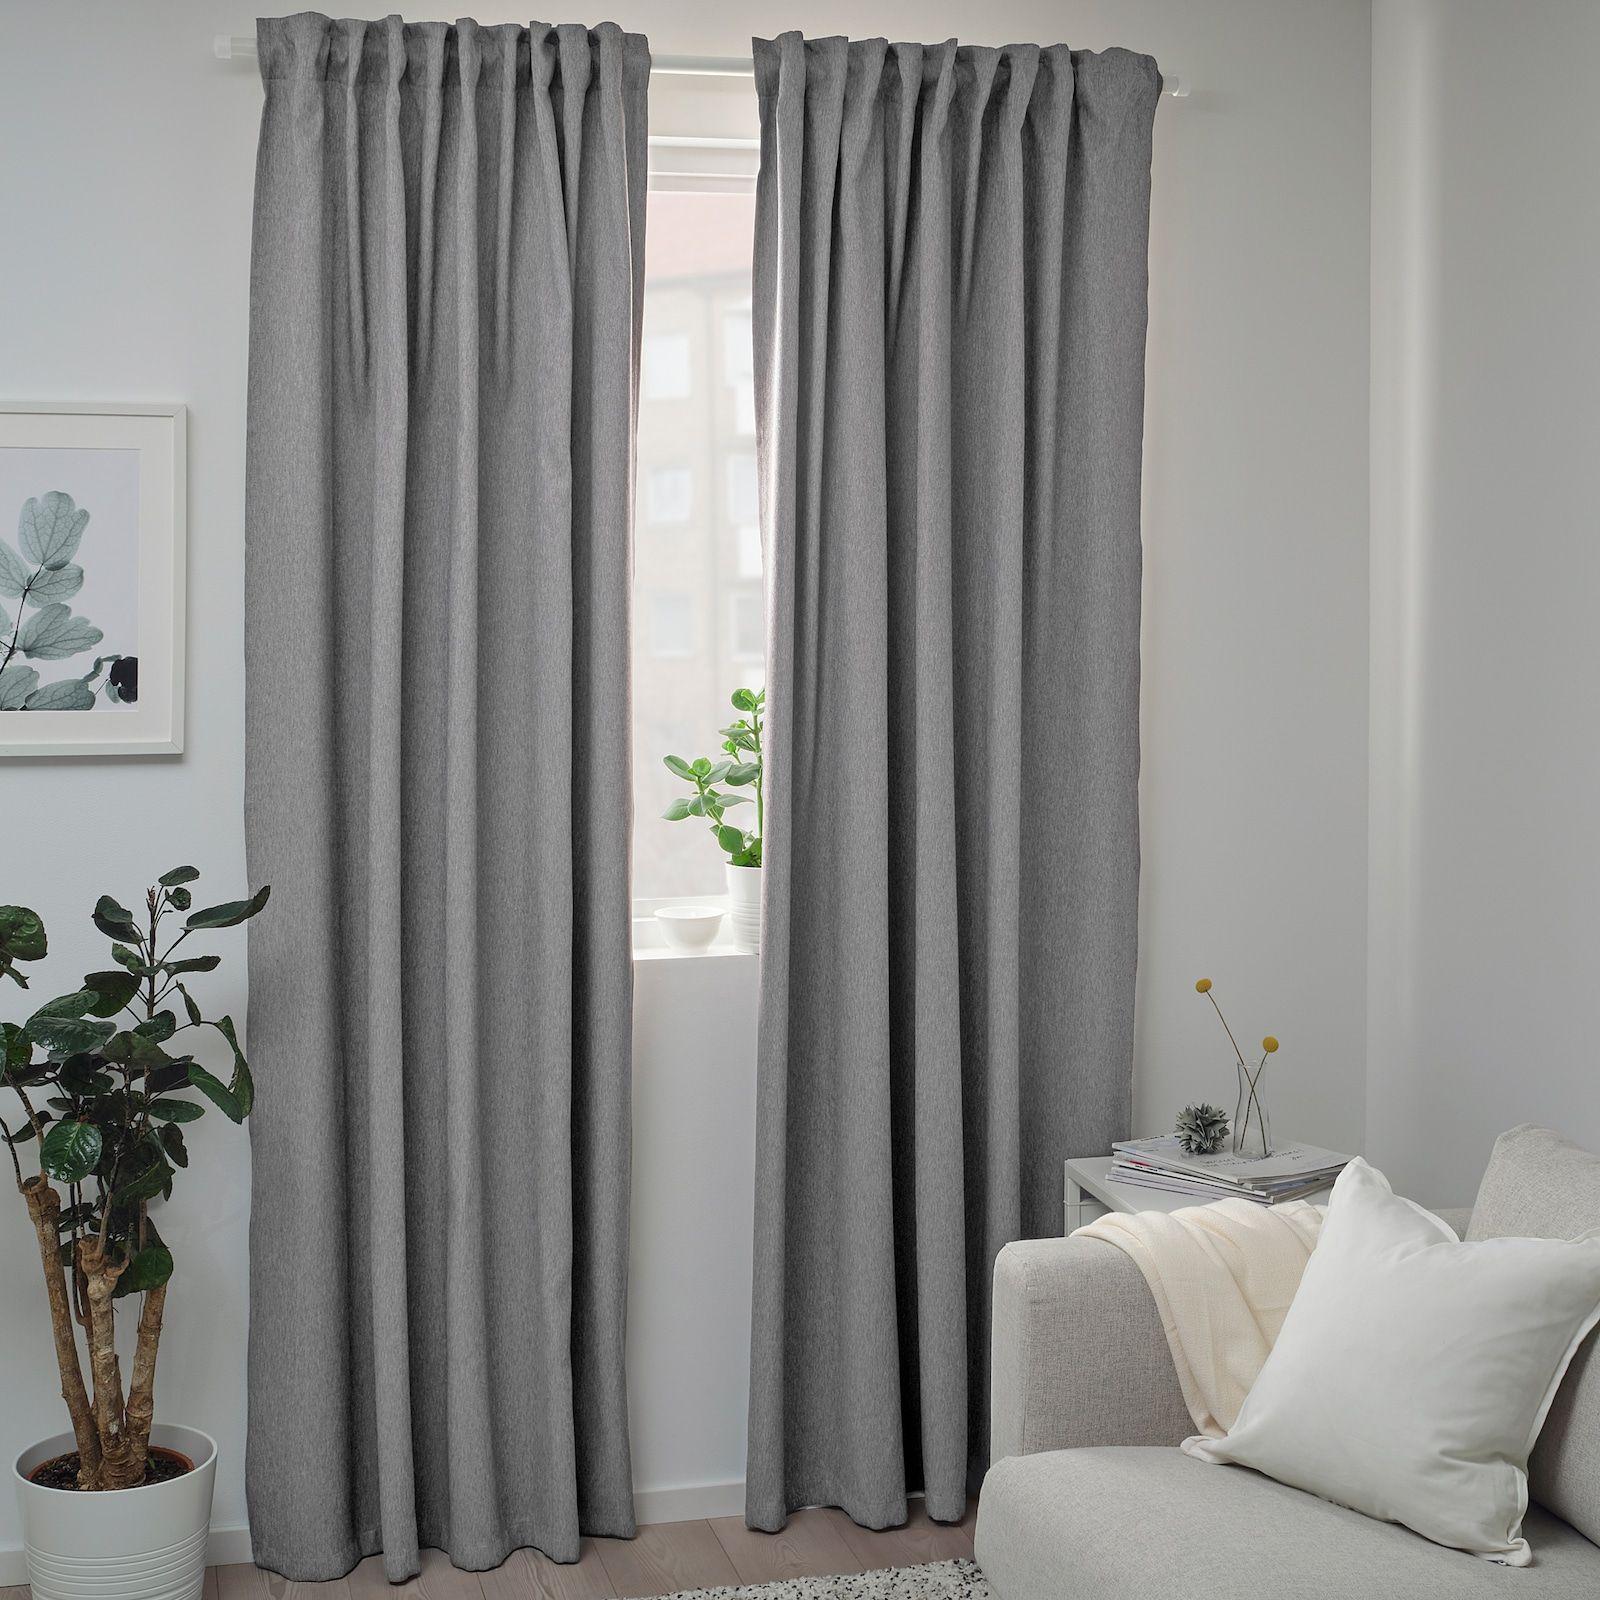 Blåhuva Room Darkening Curtains 1 Pair Light Gray 57x98